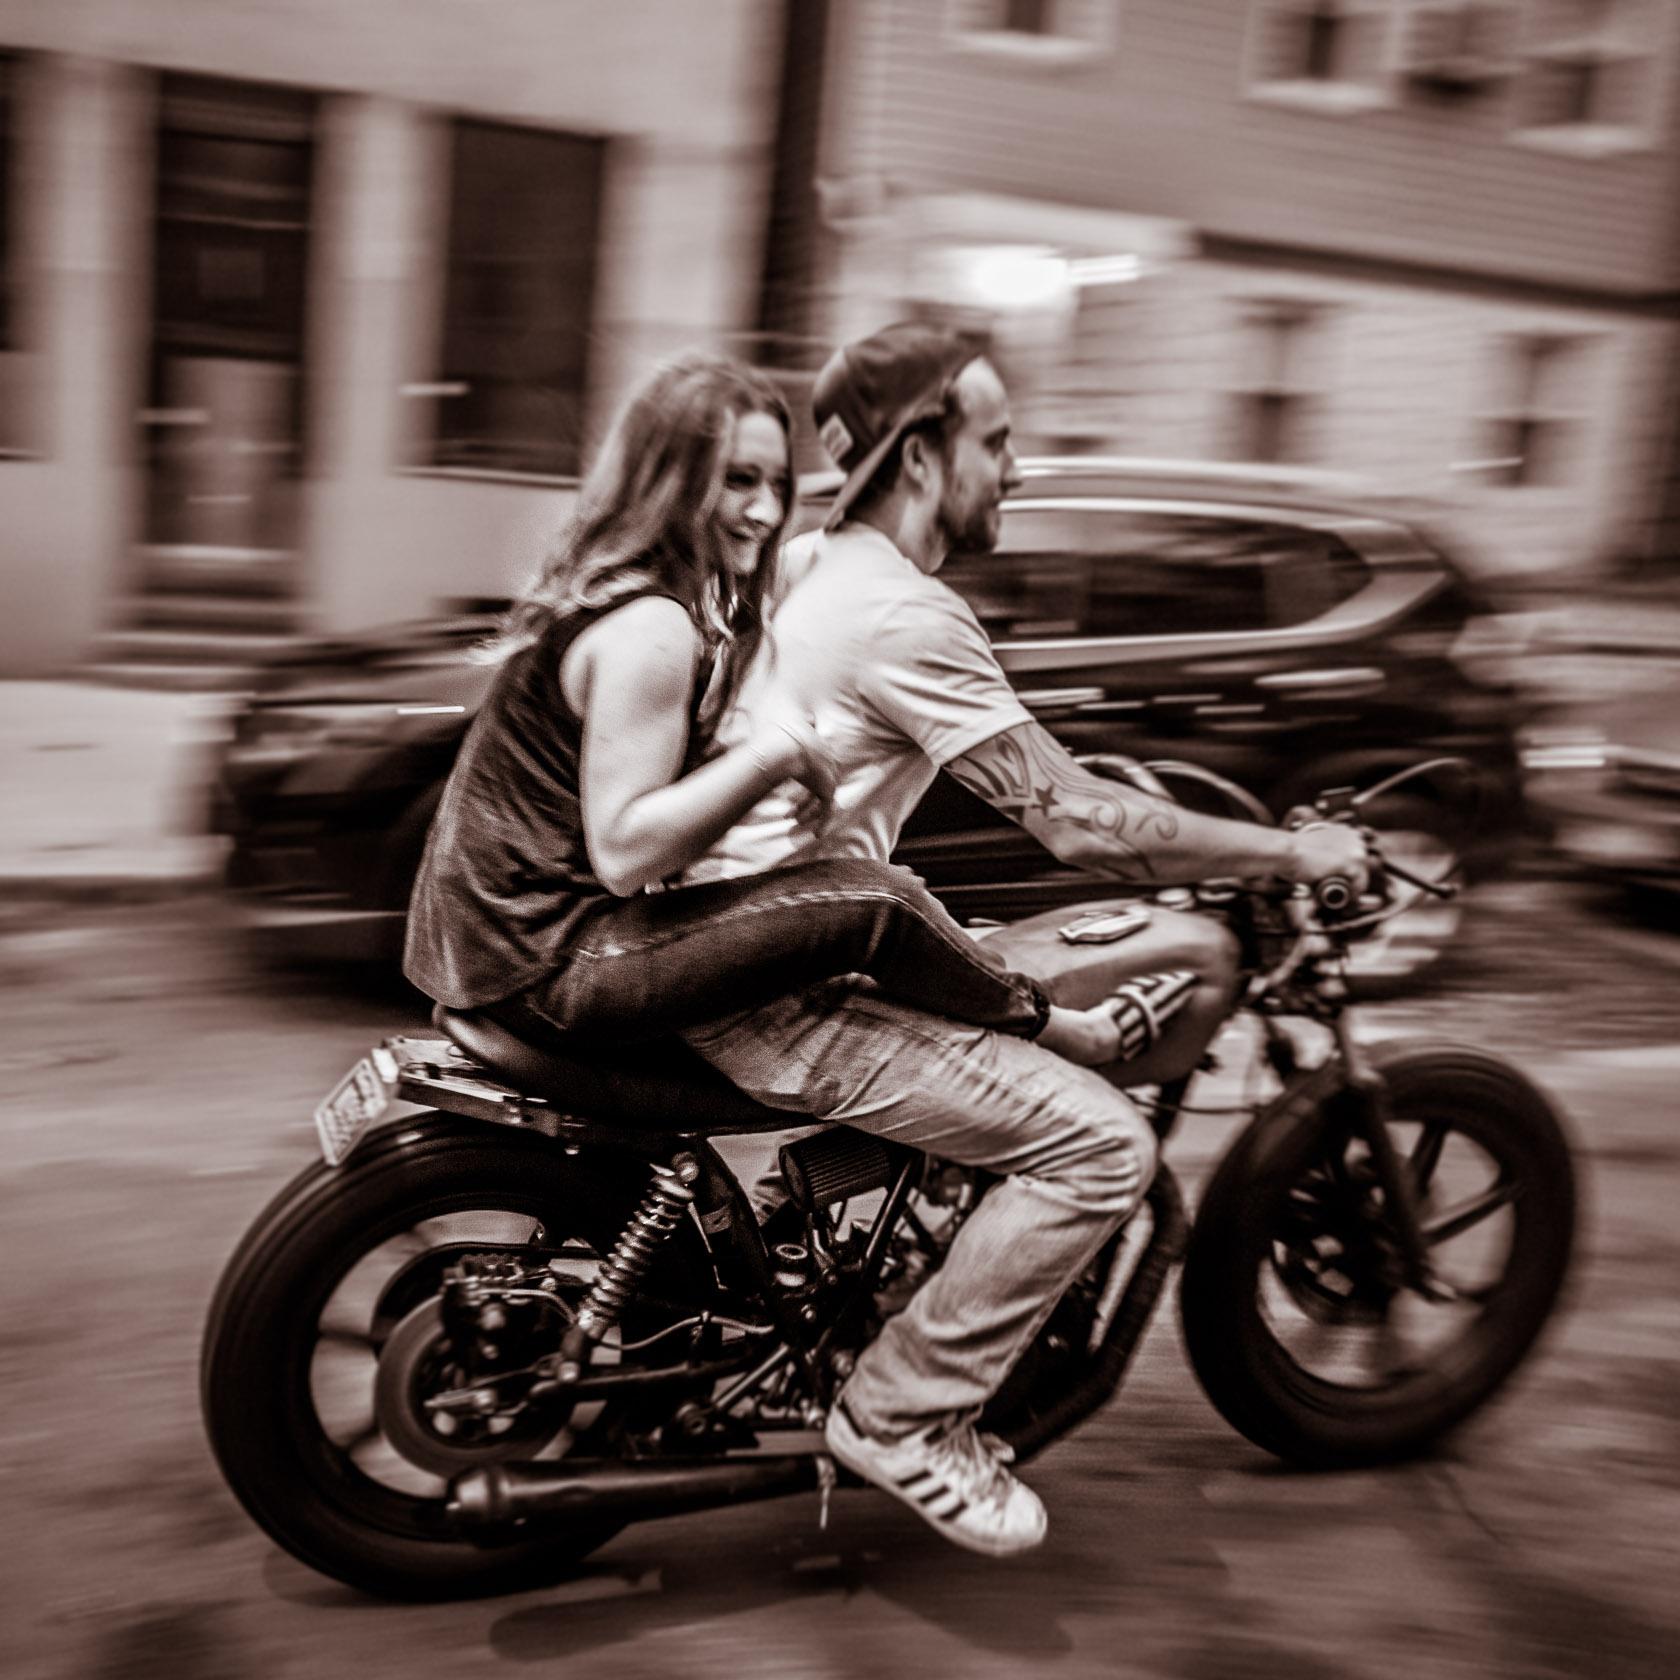 Bikers NYC 14